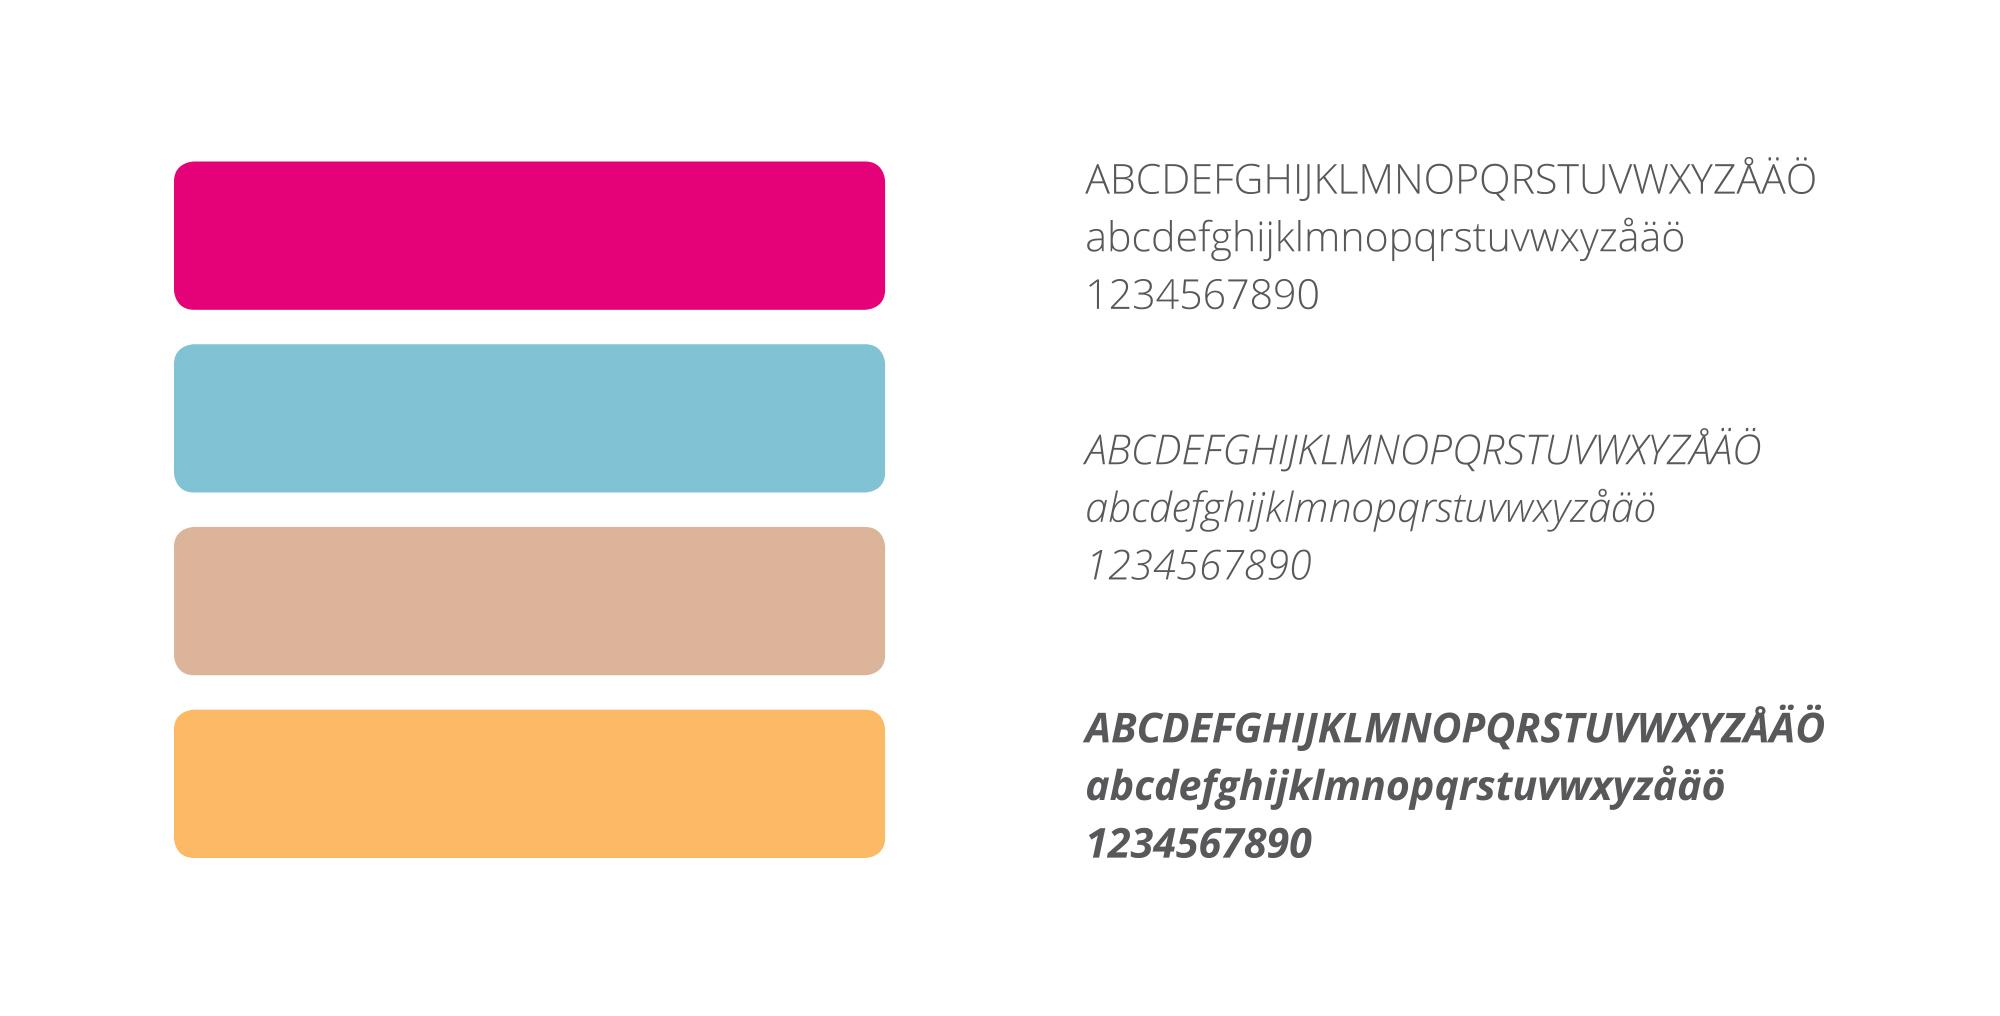 aureolis_varit_typografia